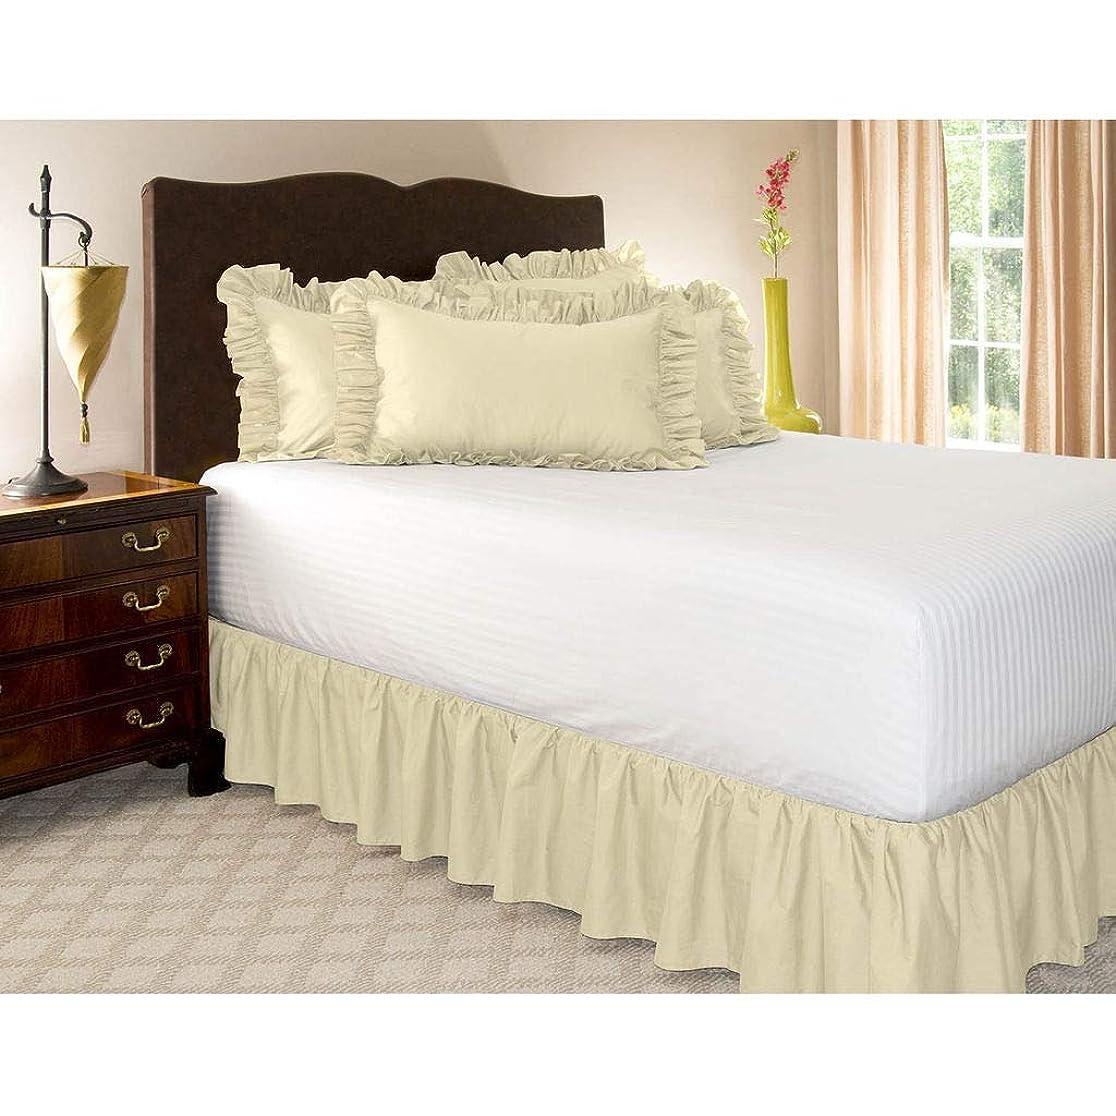 換気するマティスそこ弾性 ベッド スカート, プリーツ ほこり フリル ベッドスプレッド ウルトラ-柔らかい まわり 固体 しわ そして フェード 抵抗力がある カバーレット-ベージュ-クイーン:150*200センチメートル